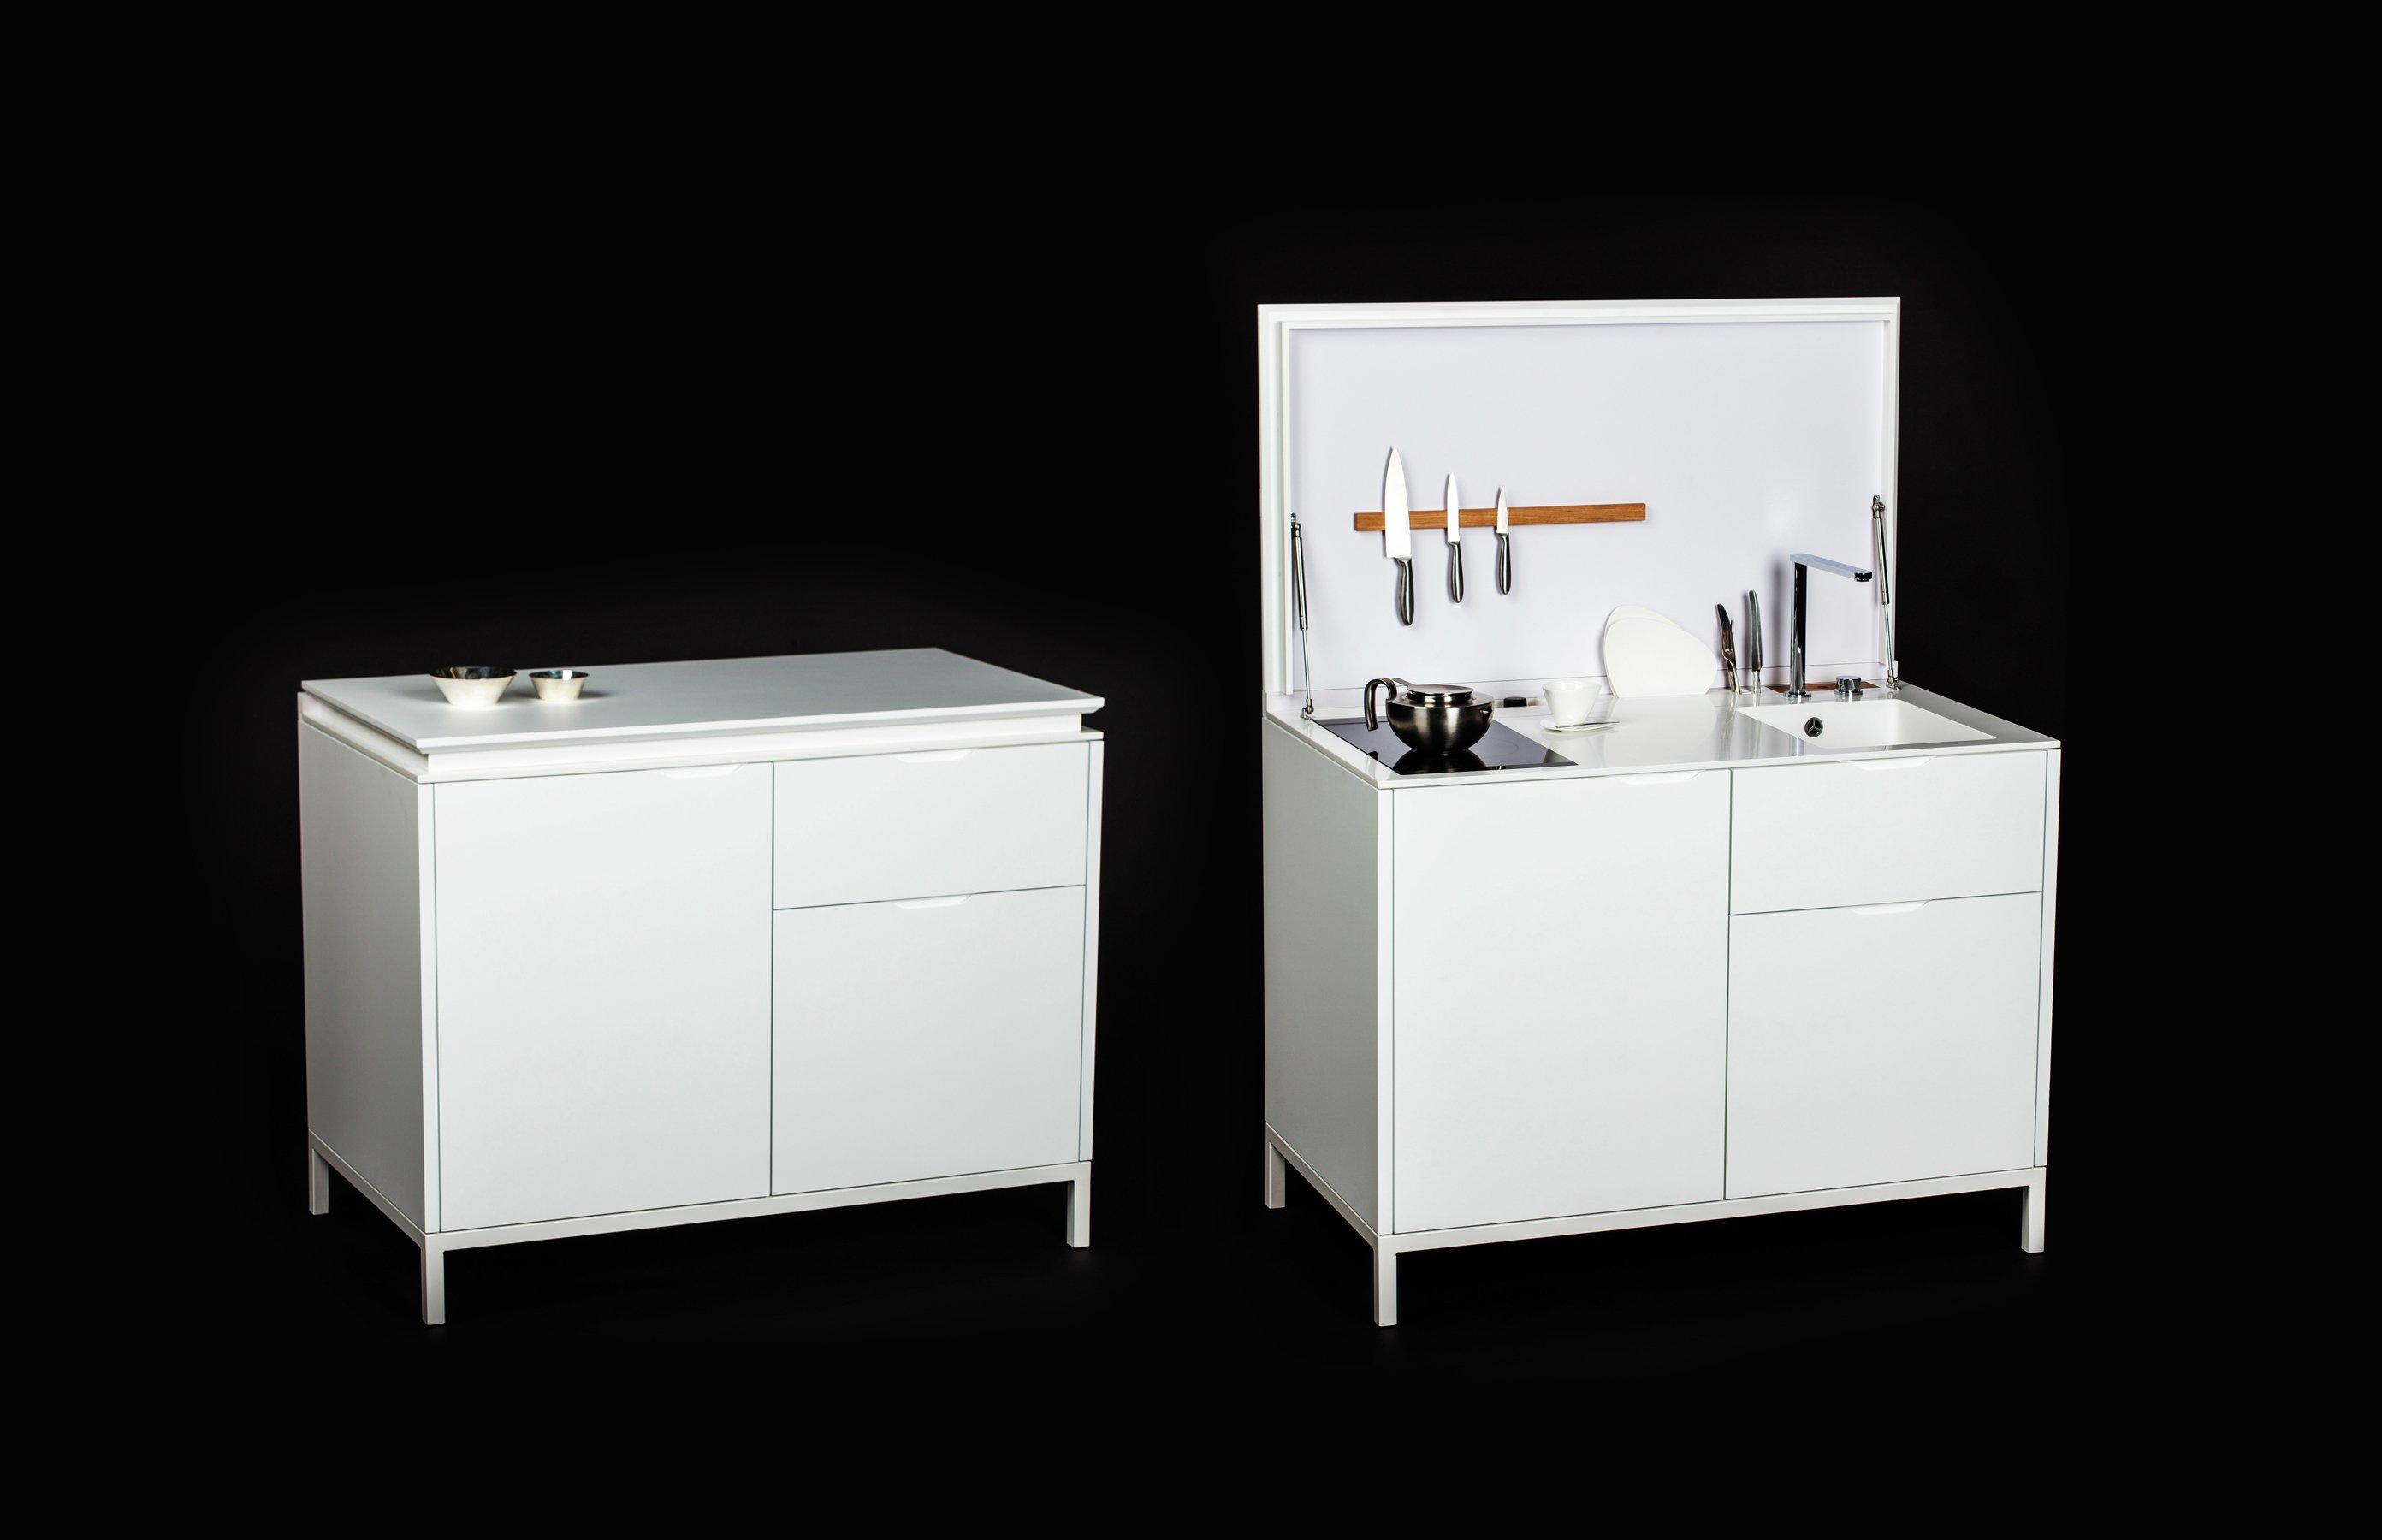 Mobili Per Cucinino Piccolo mini cucina: jolly salvaspazio dalle funzioni dichiarate o